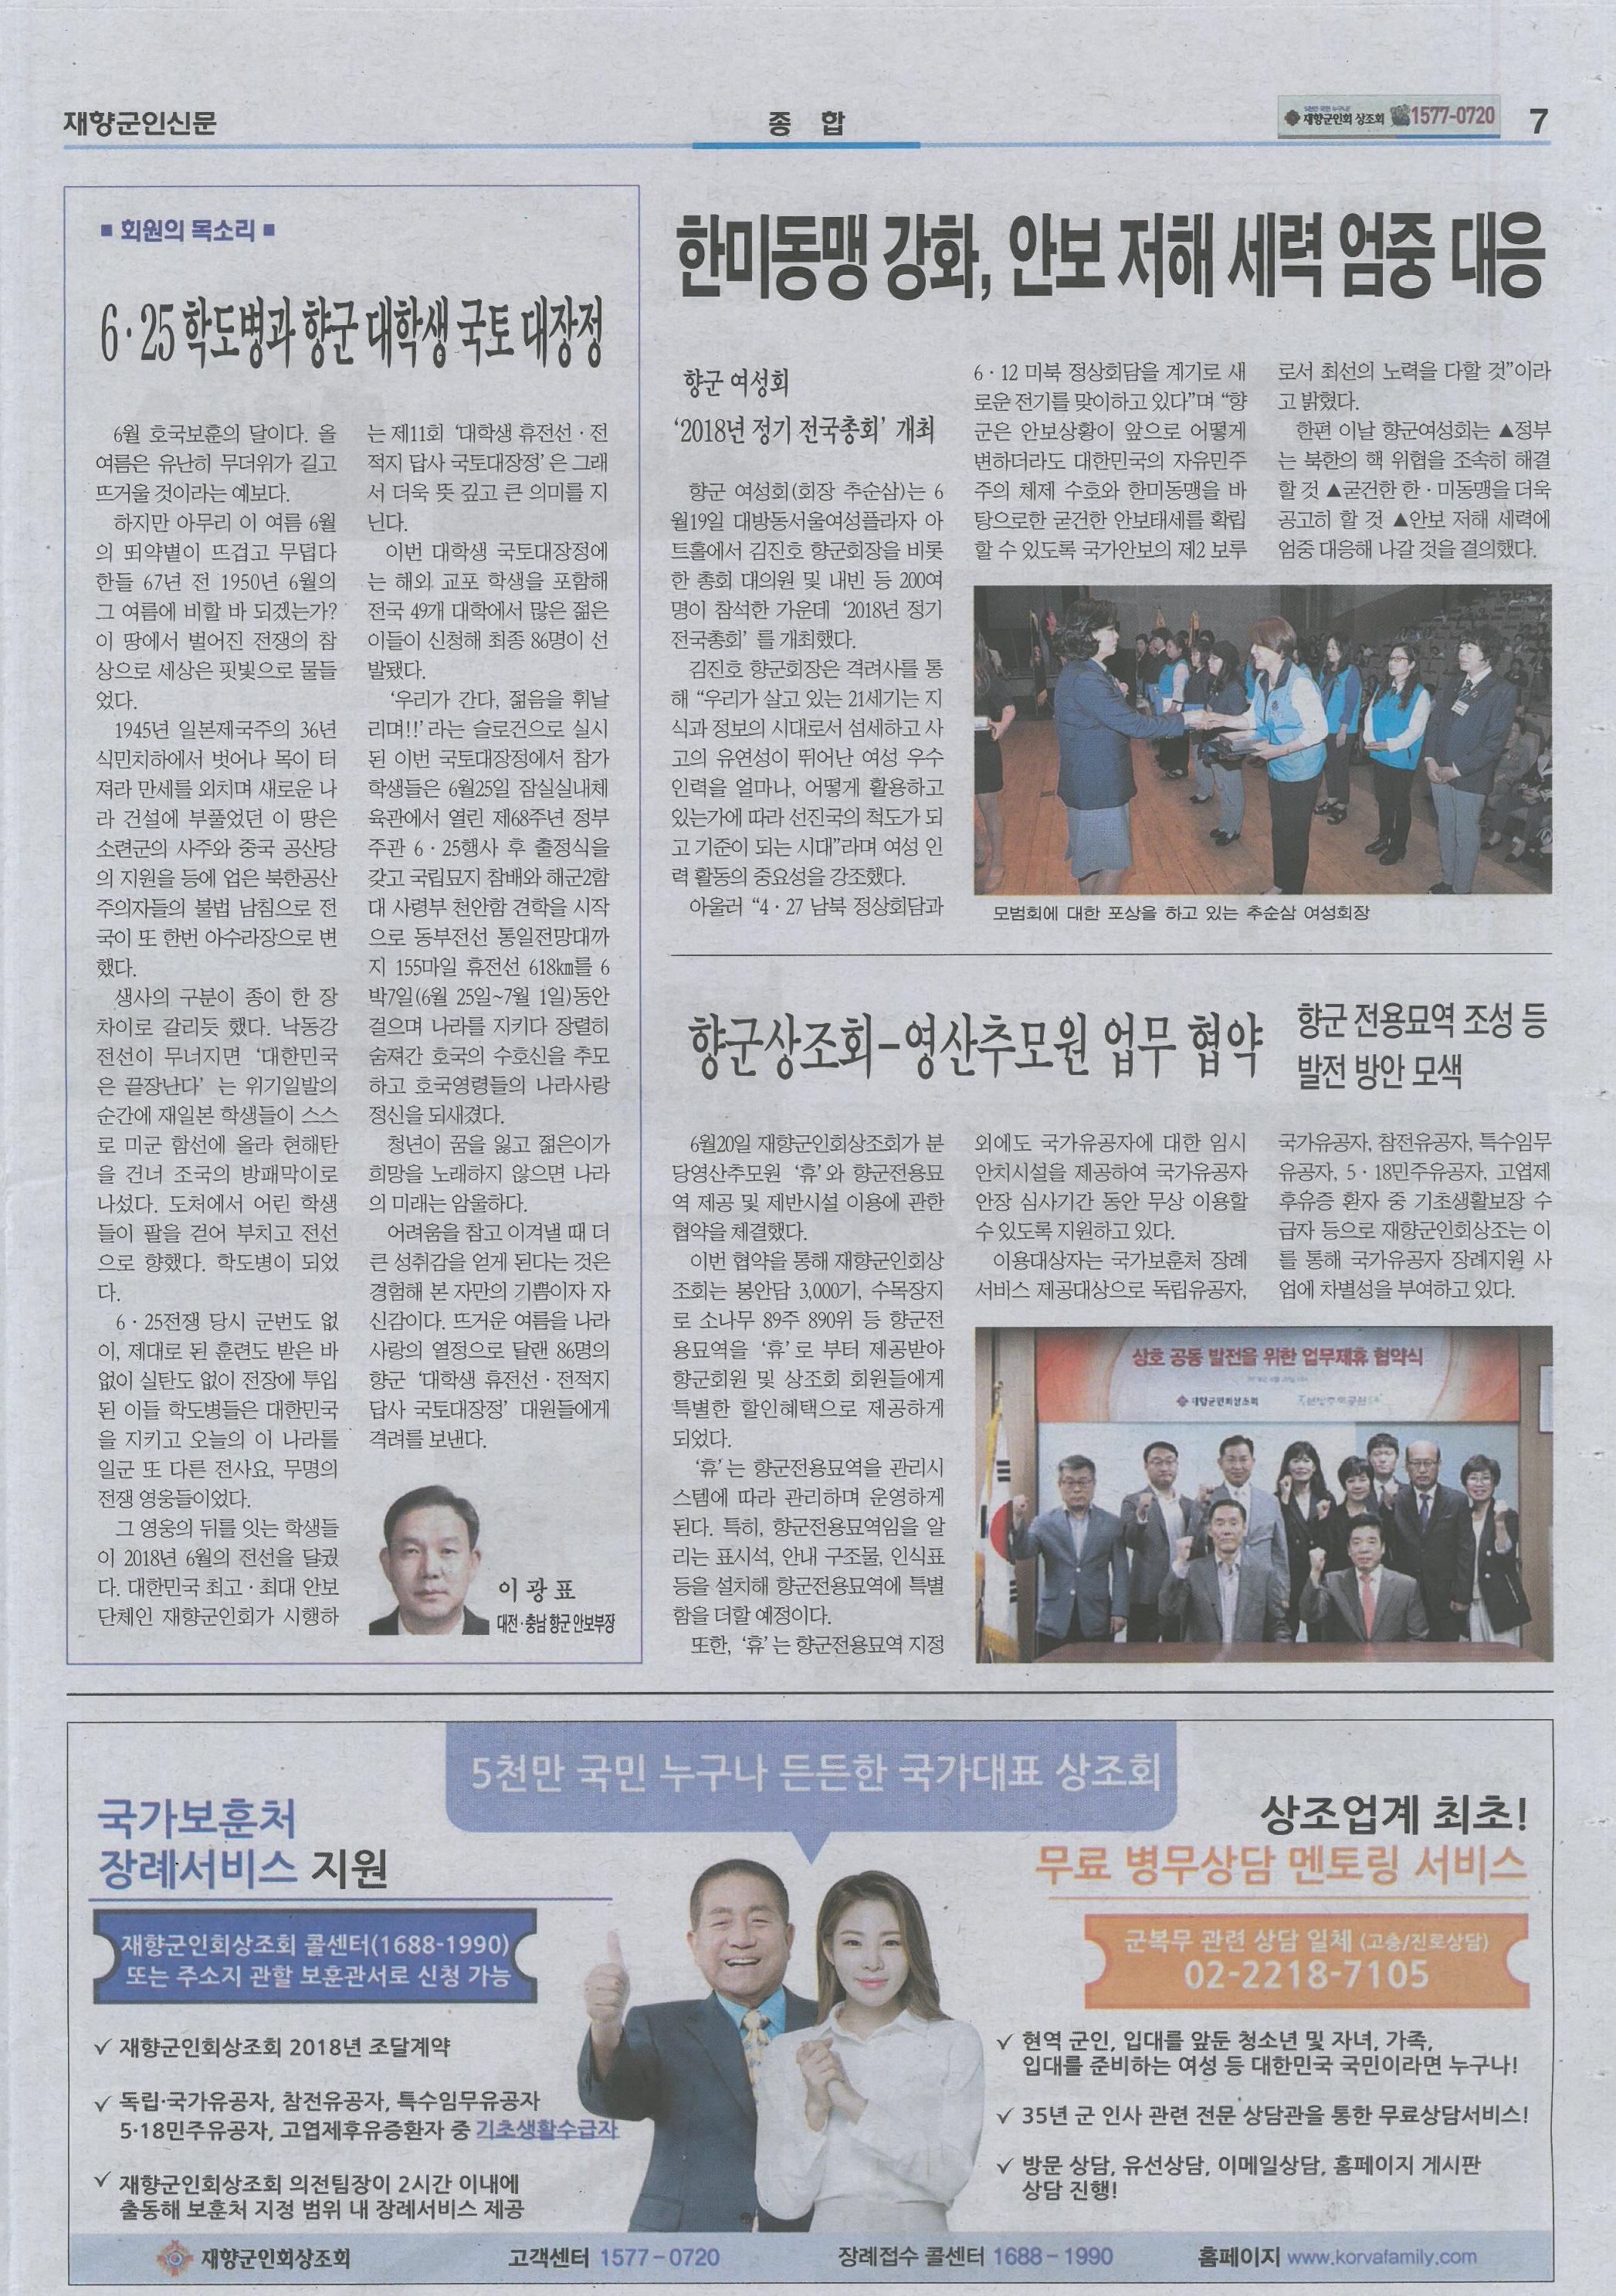 신문 스캔본-전체.jpg